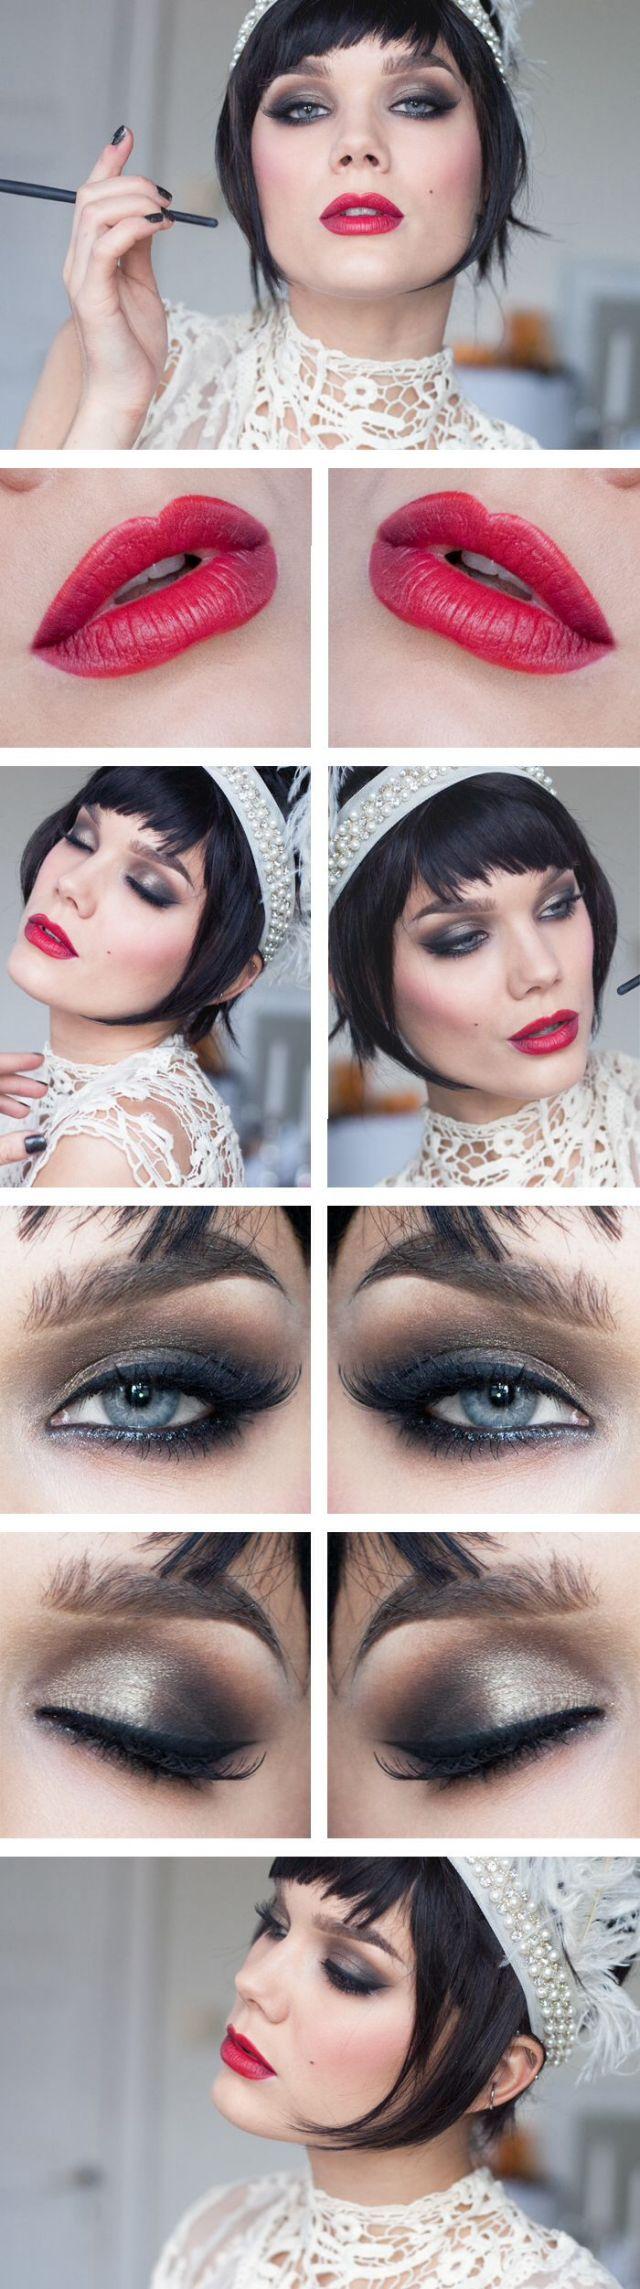 1920s makeup 4